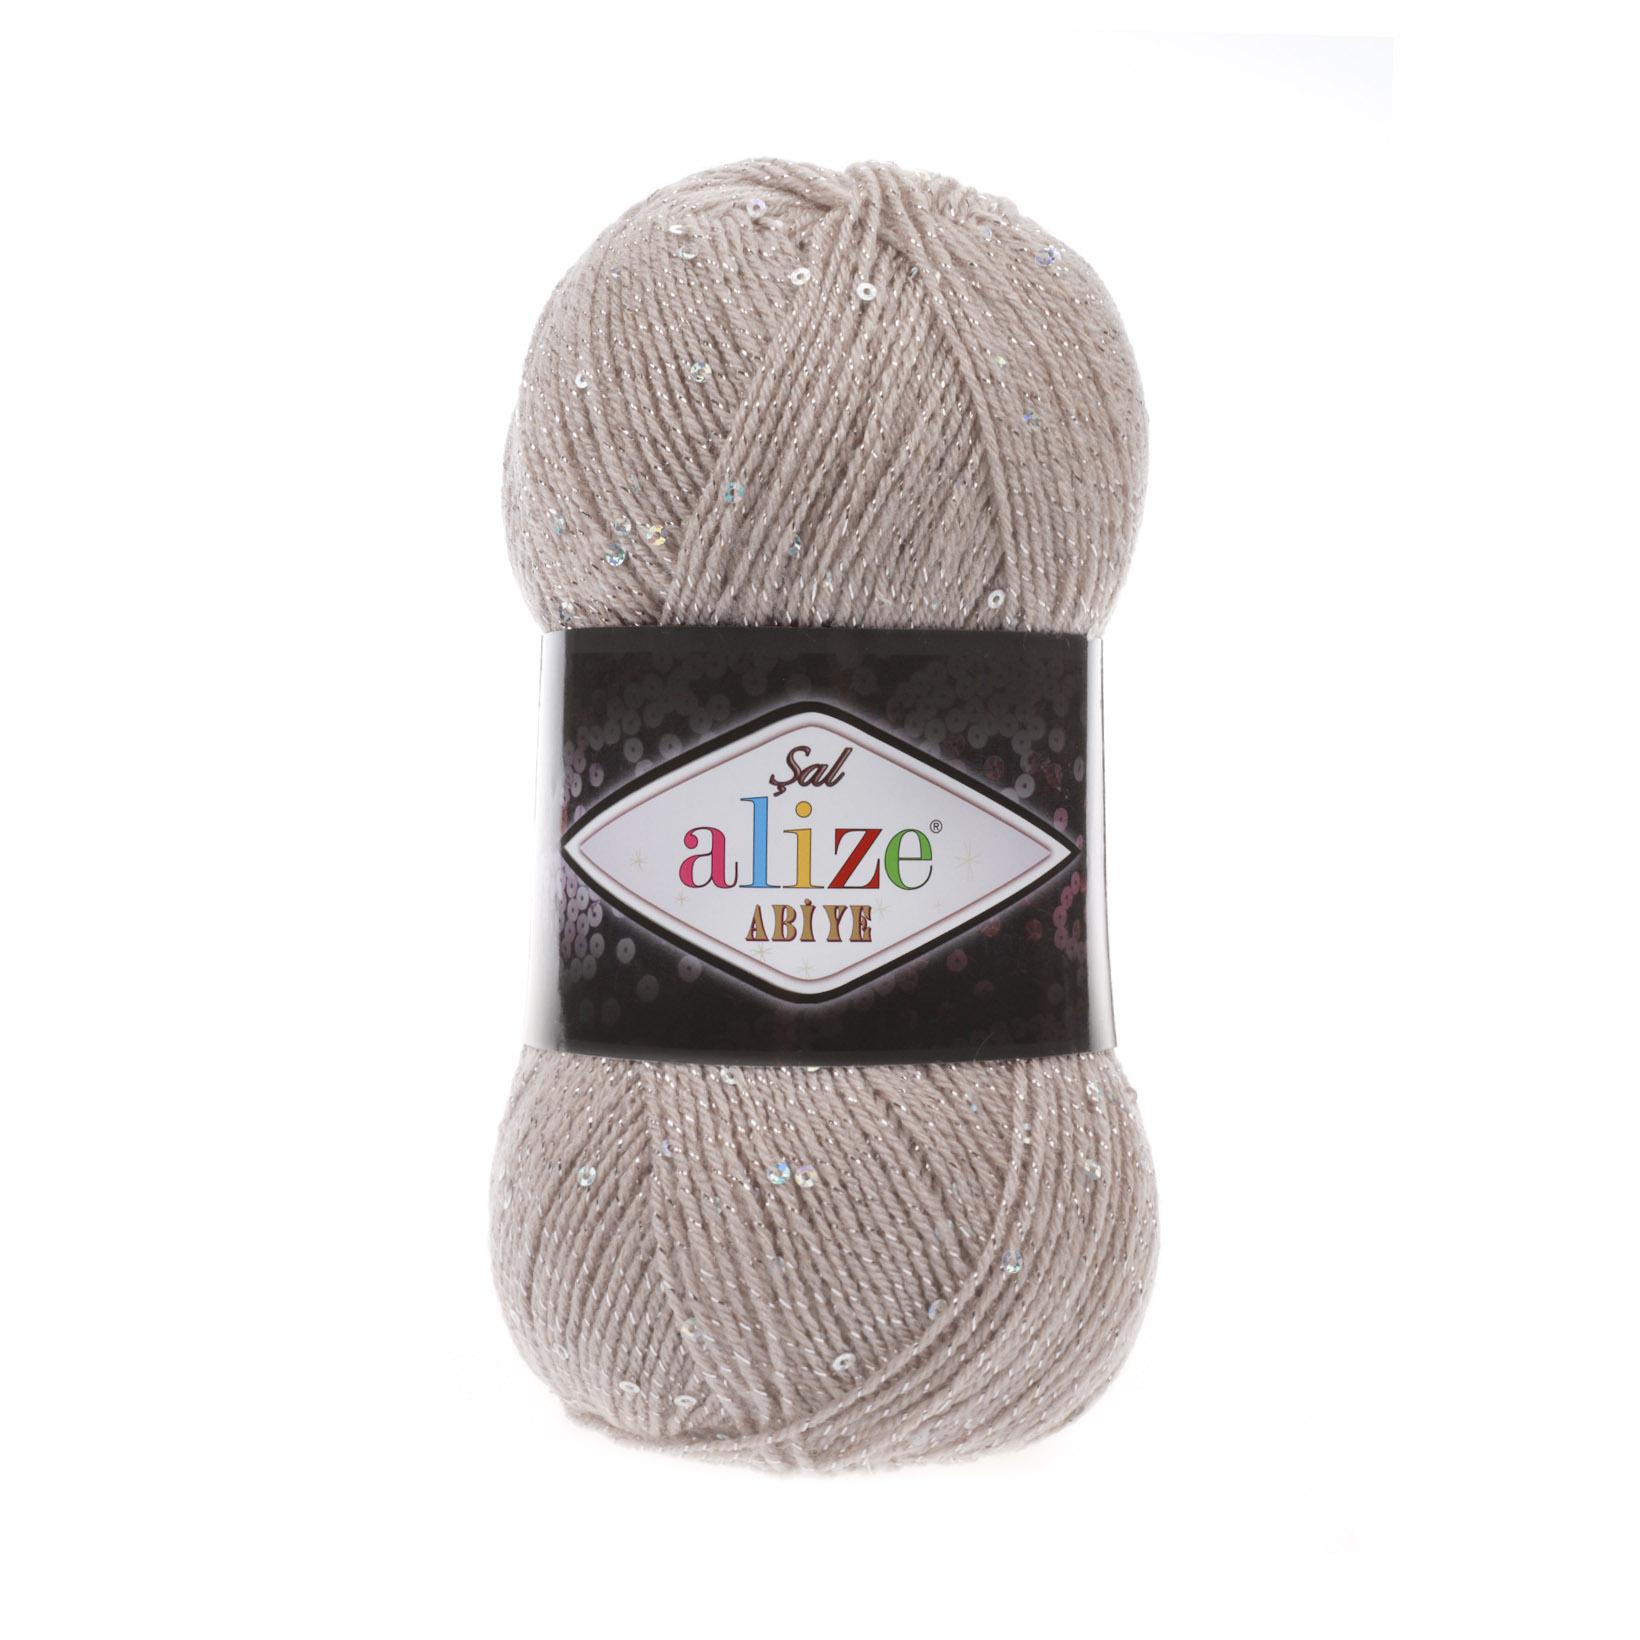 Alize Sal Abiye Cod 541-0